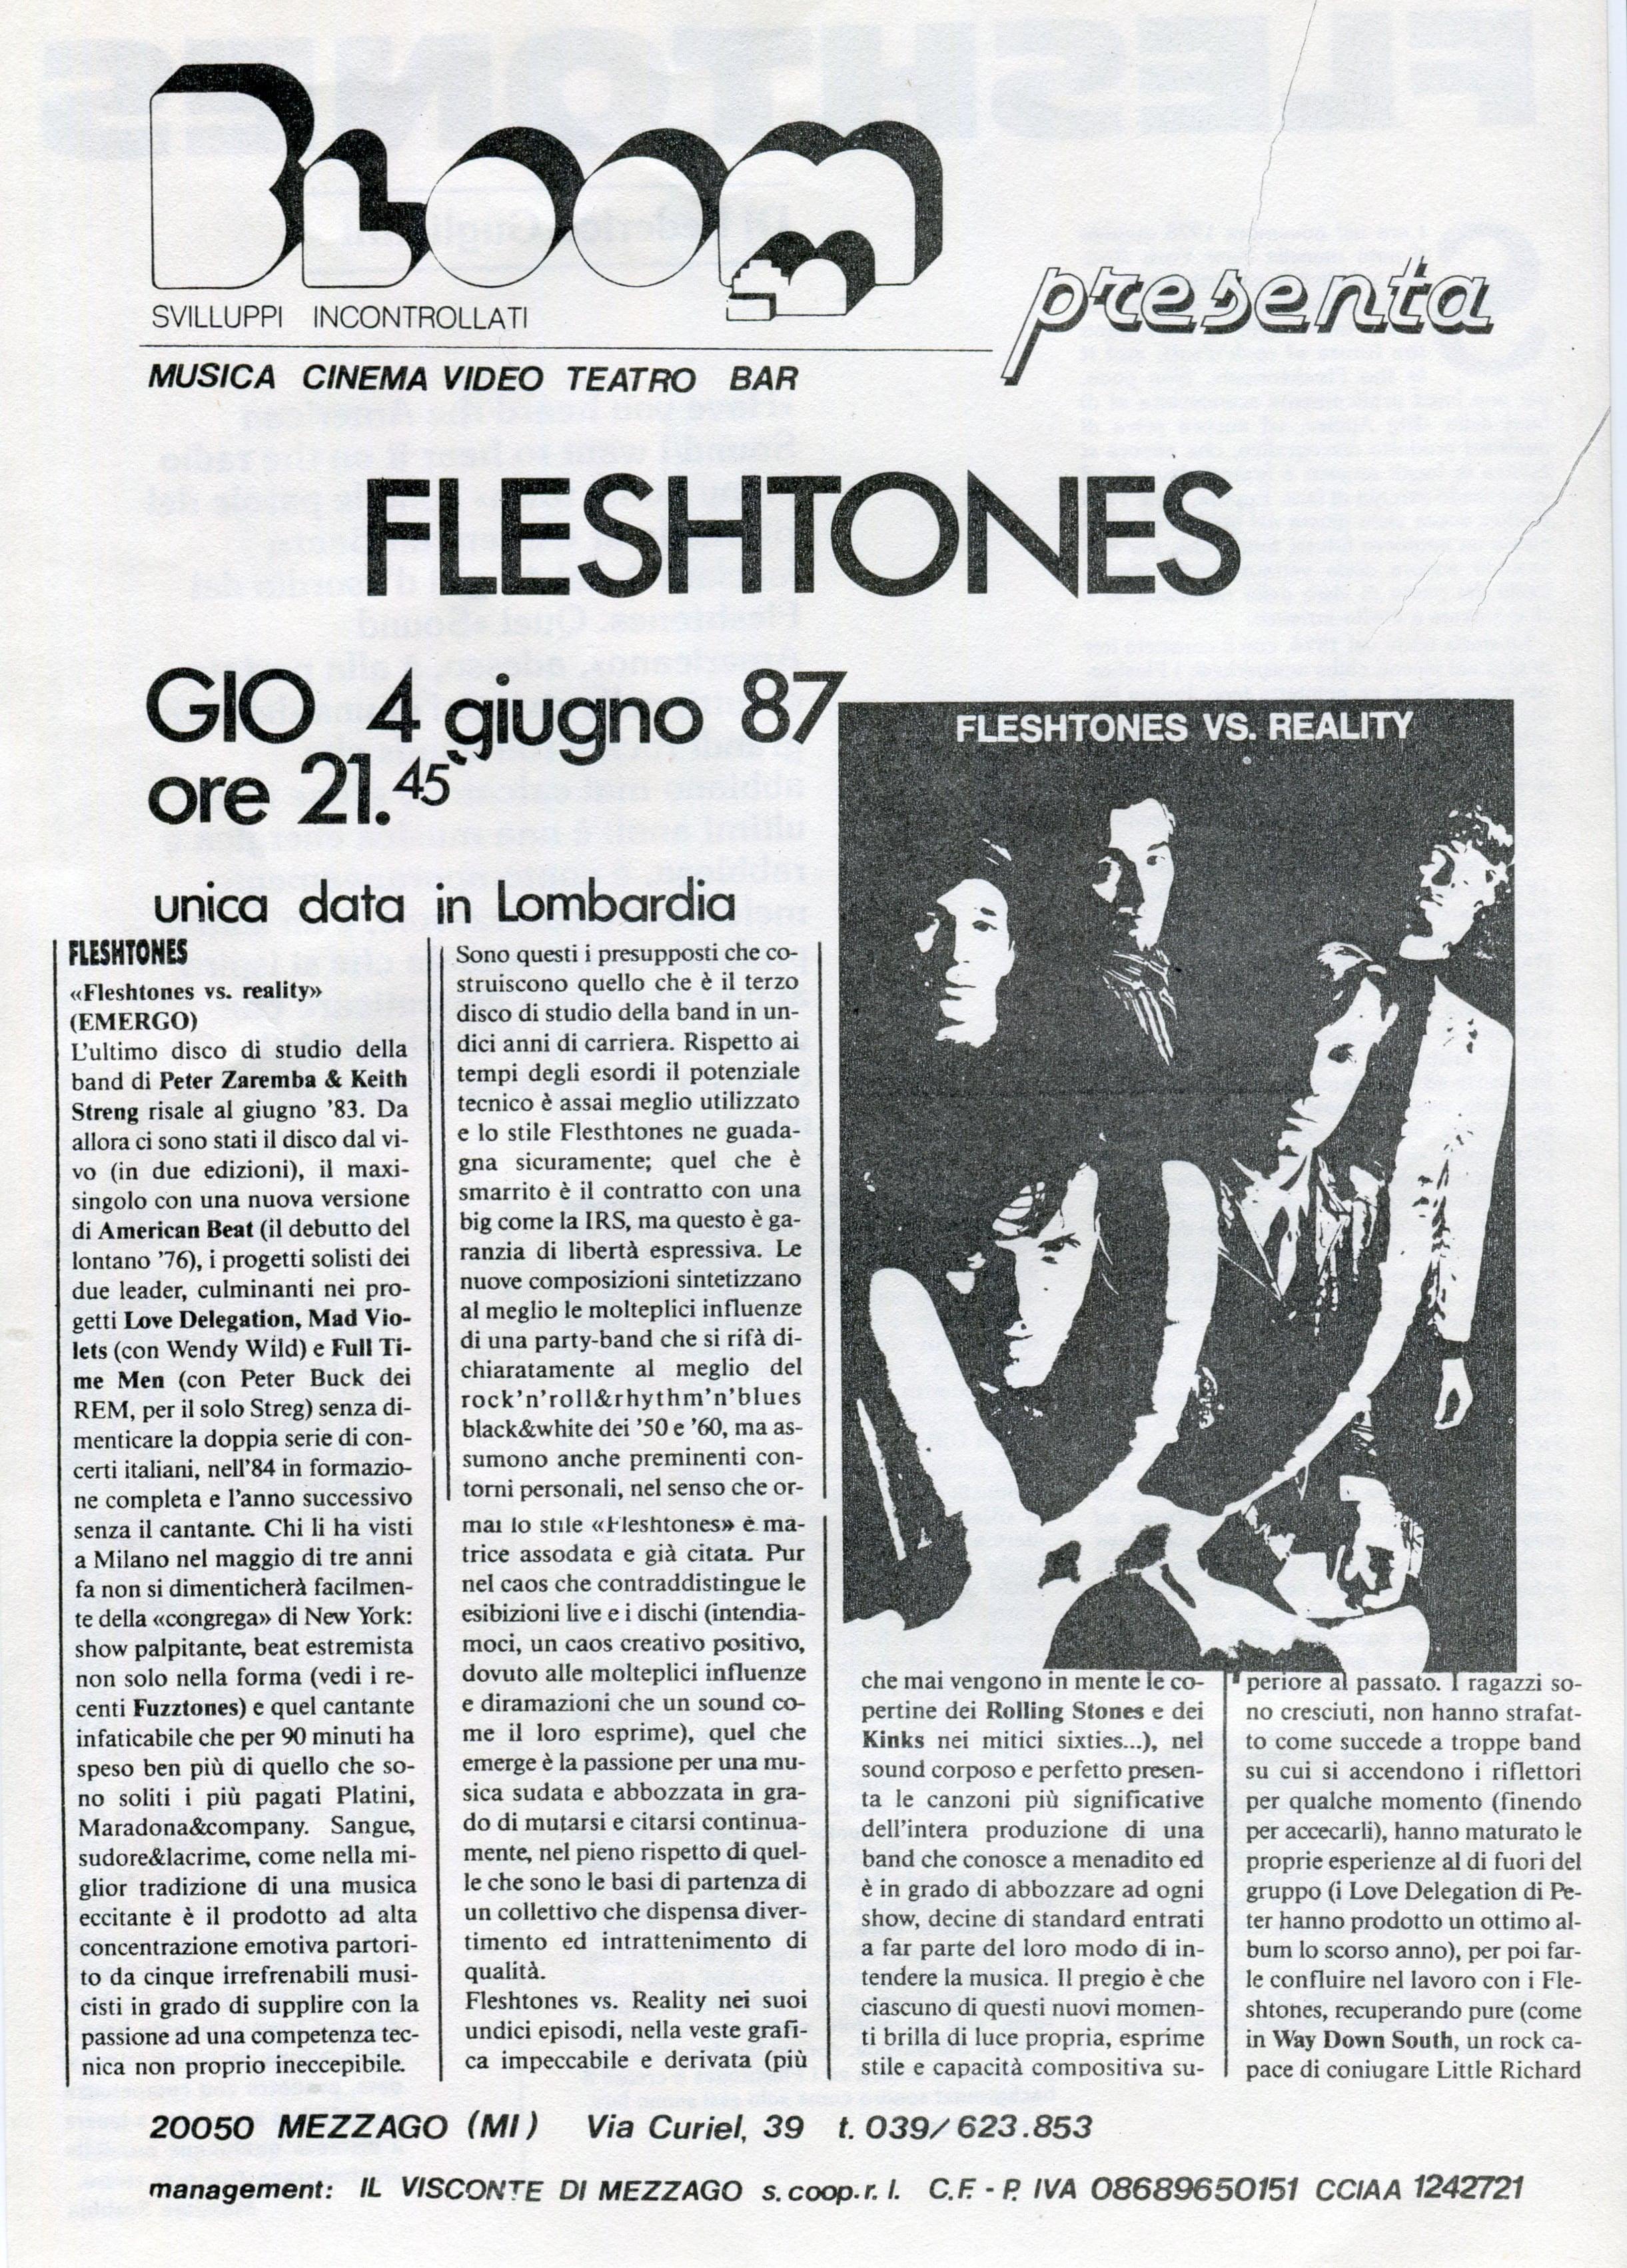 Volantino fotocopiato che pubblicizza il concerto dei Fleshtones. 1987